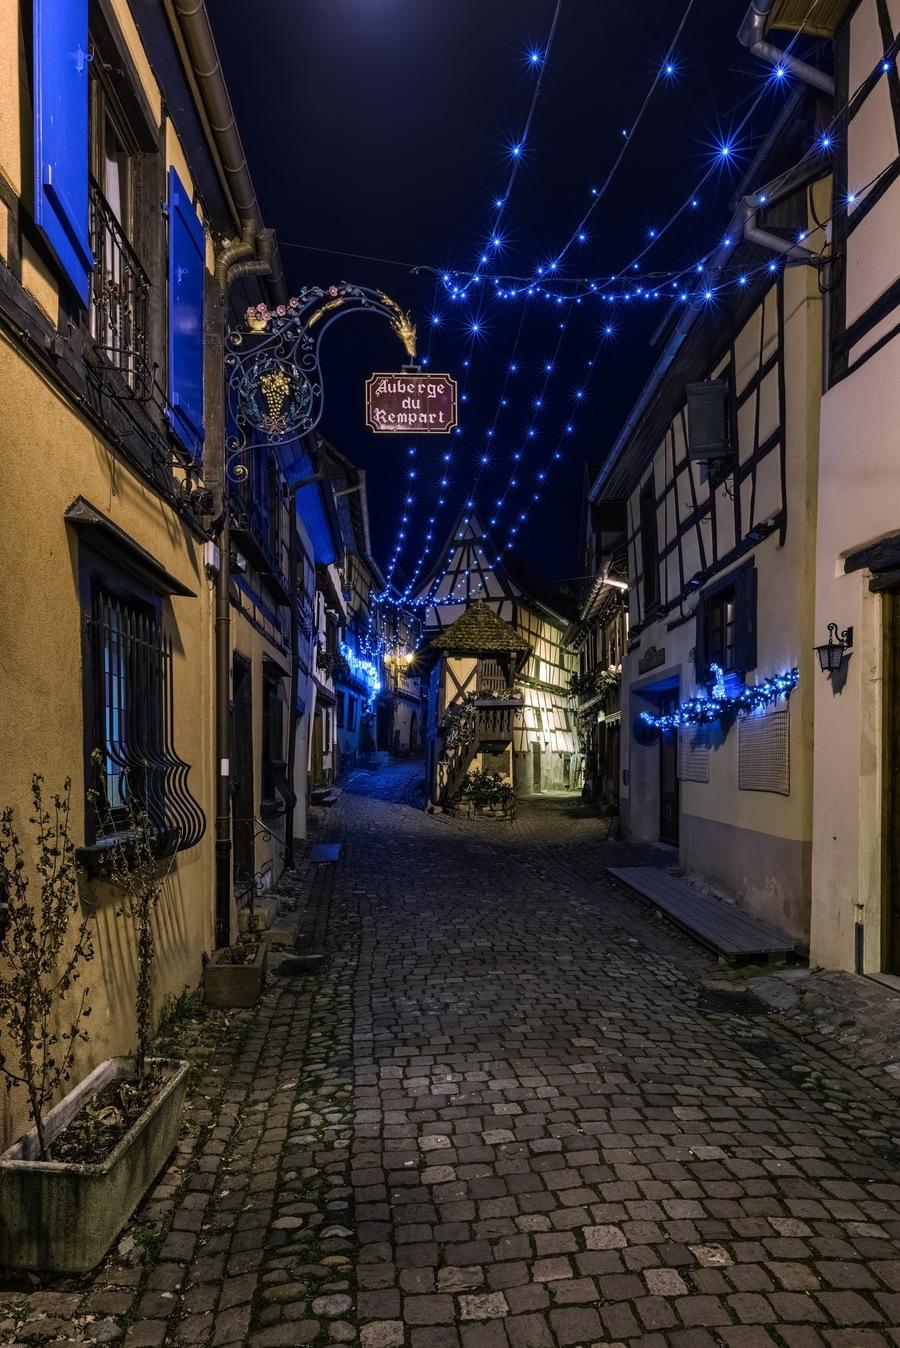 Th eguisheim4